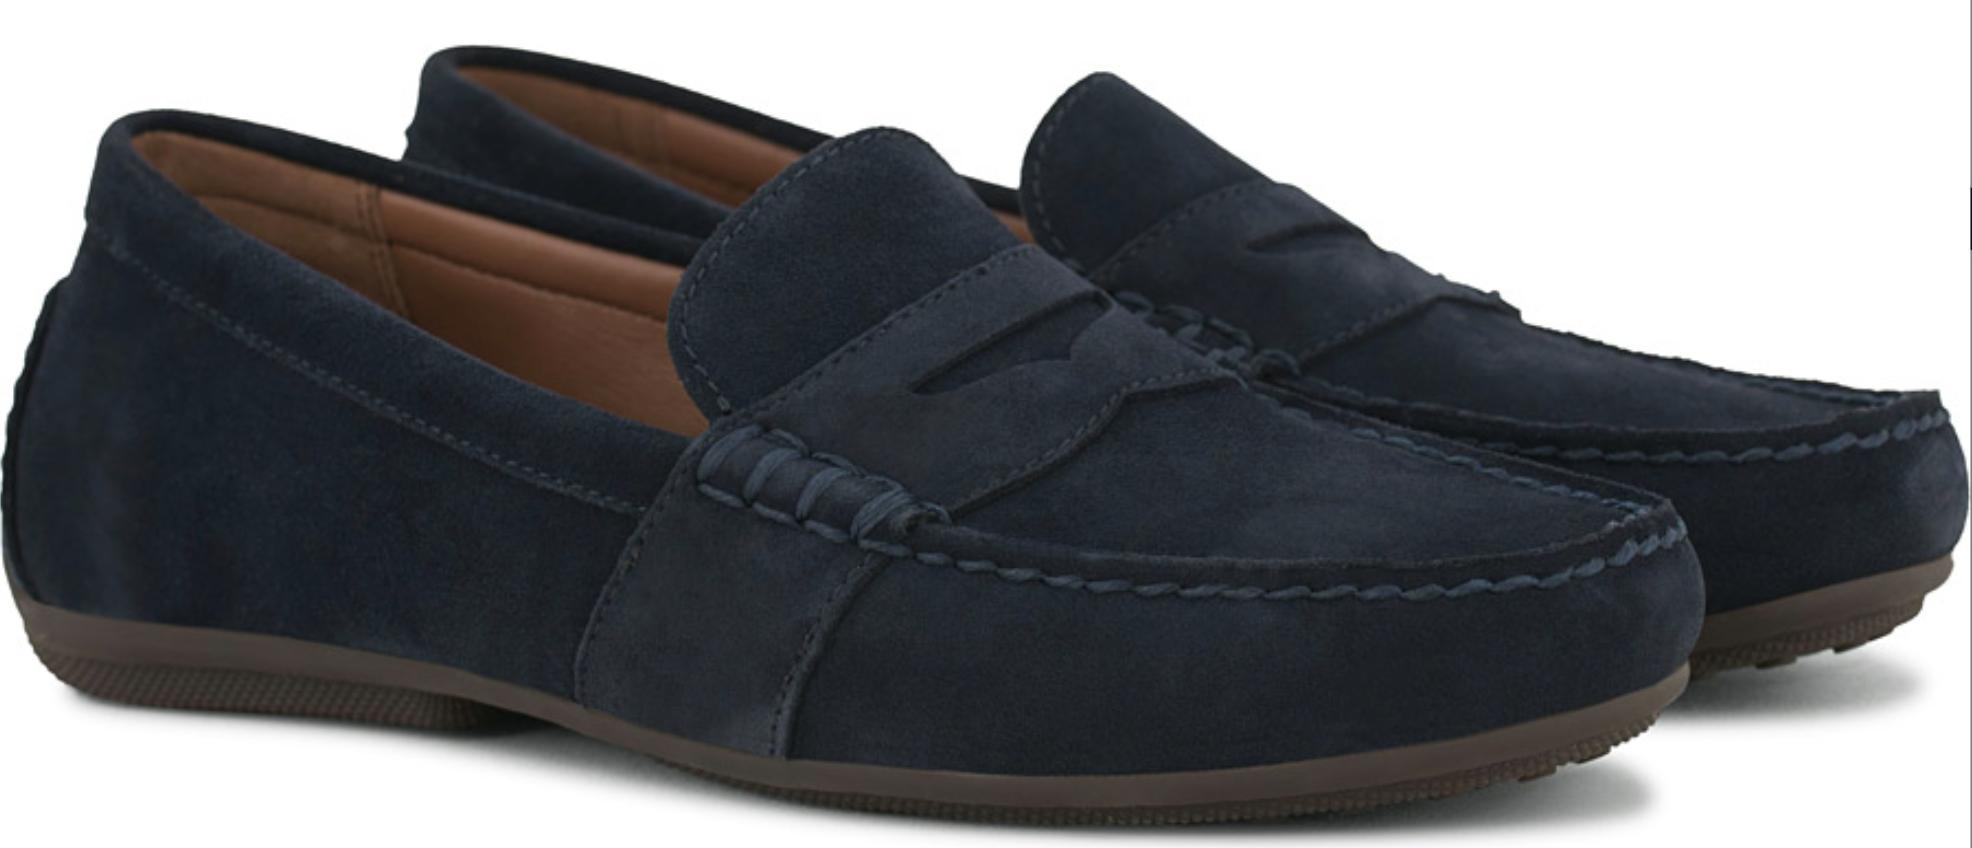 Polo ralp lauren sko